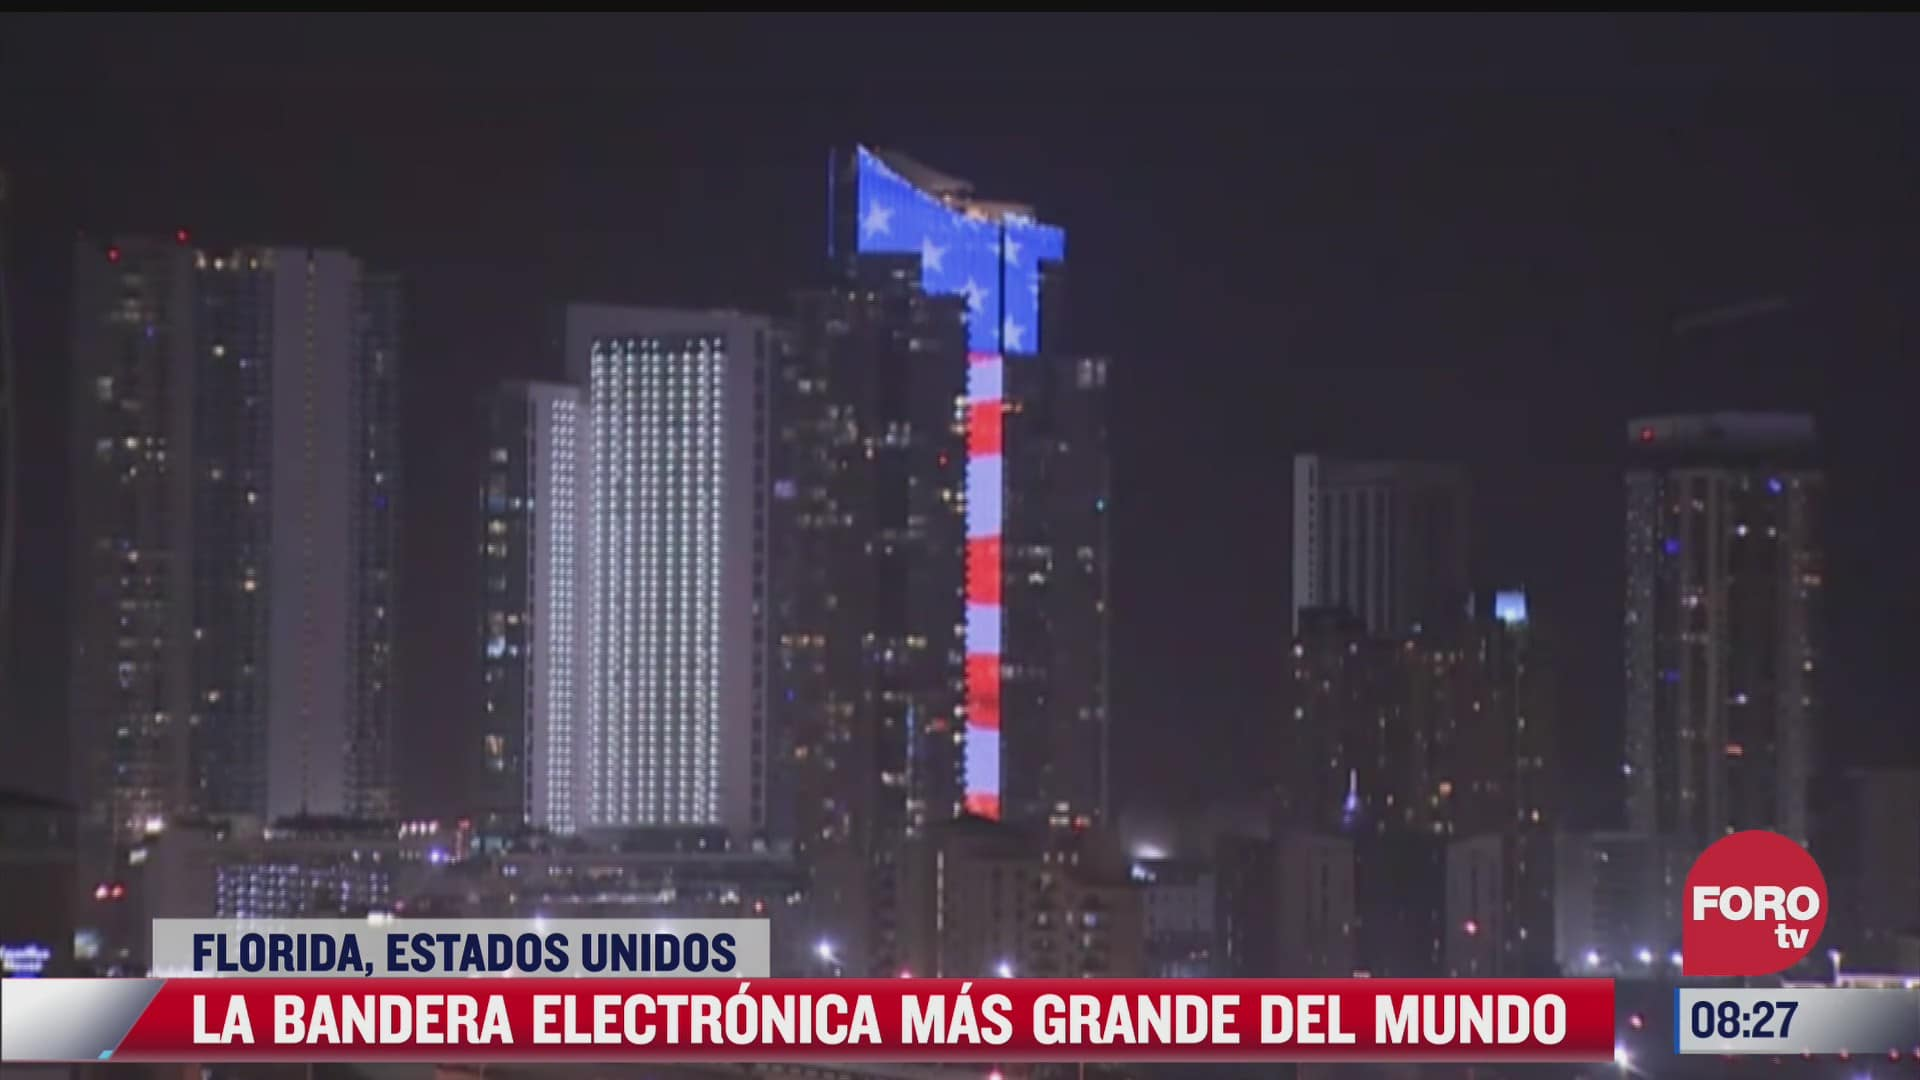 la bandera electronica de eeuu mas grande del mundo ilumina miami